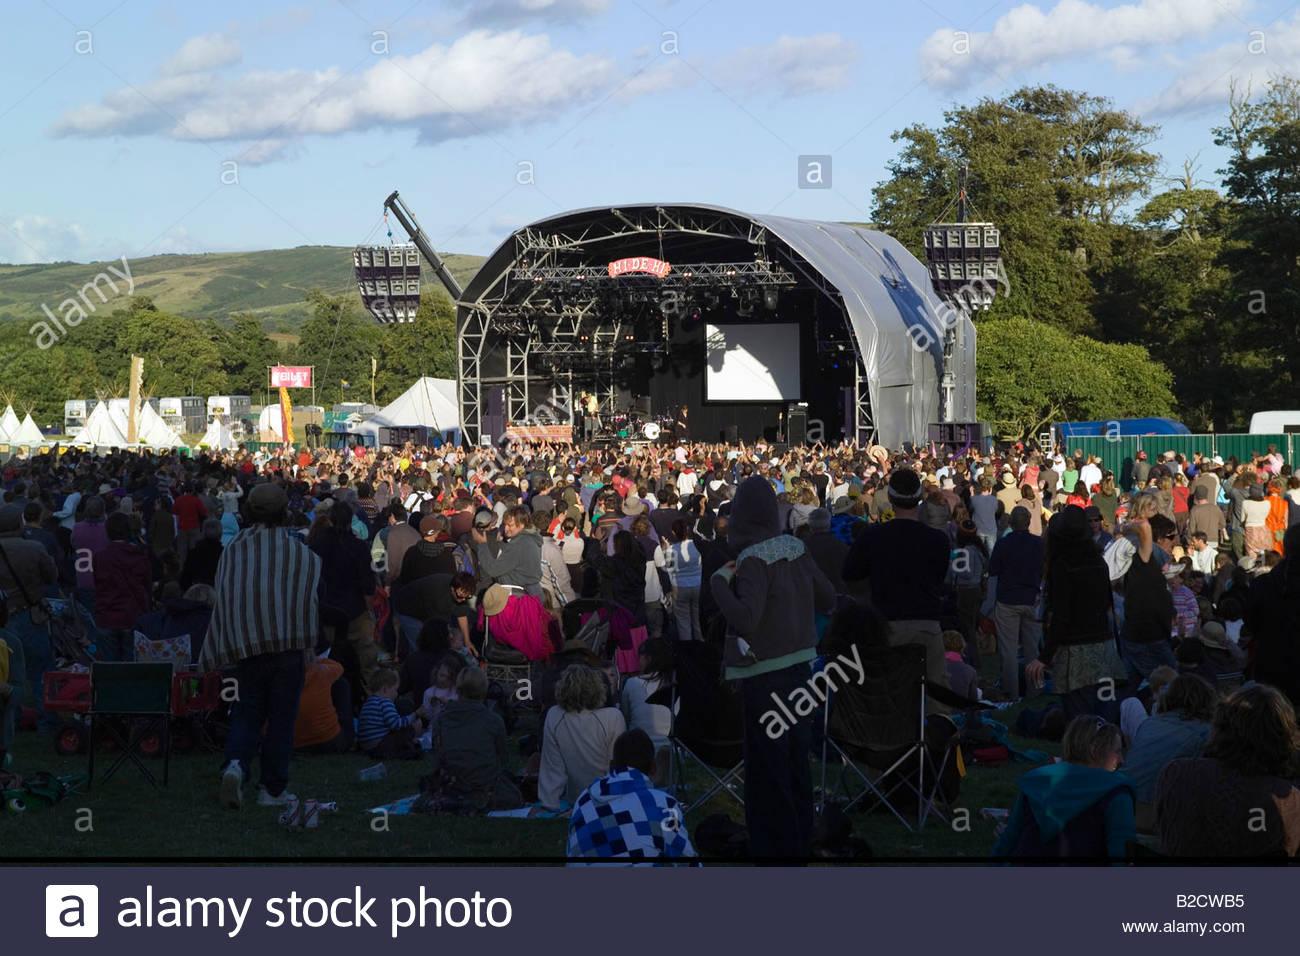 Musikfestival Bestival Camp Juli 2008 Lulworth Estate-Dorset-England Stockbild